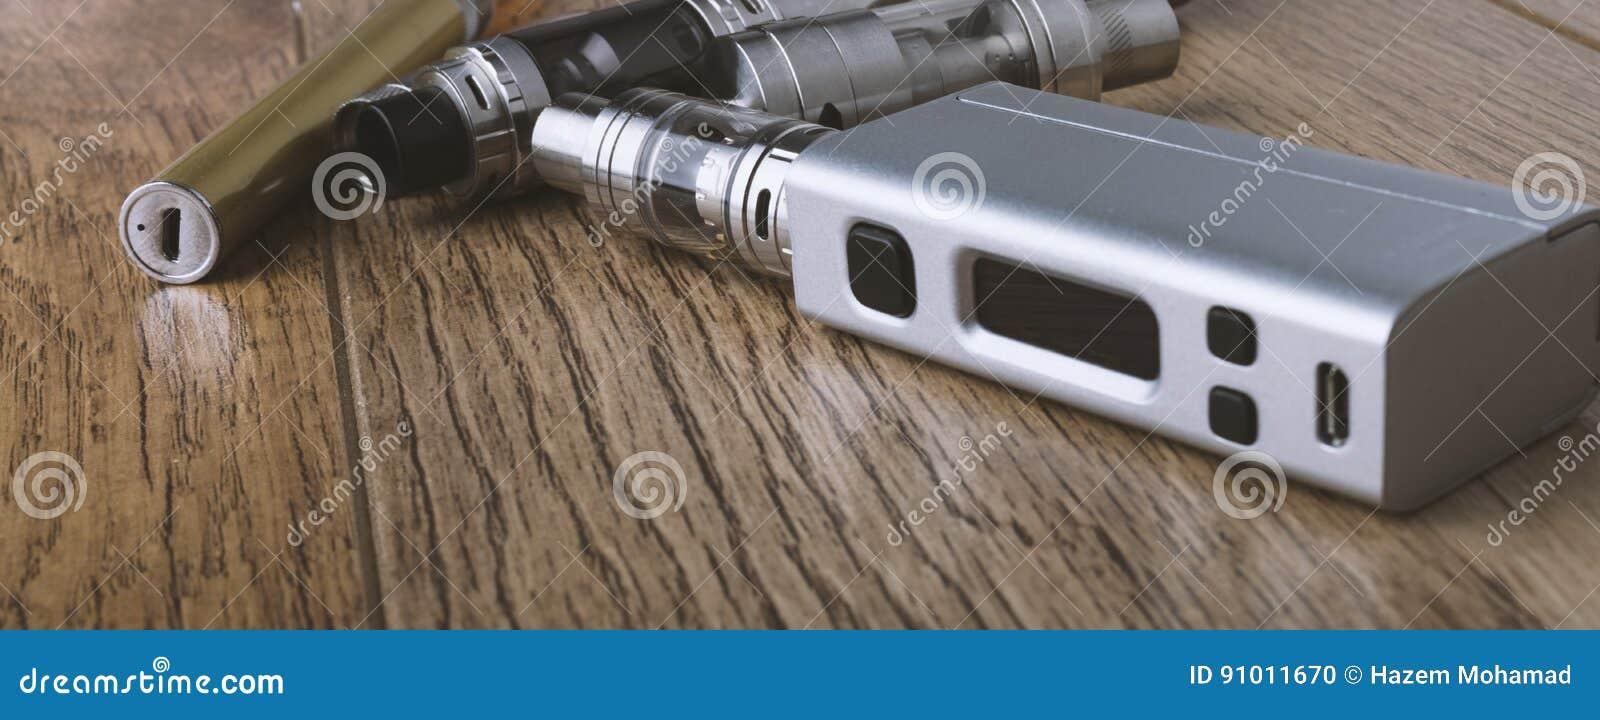 Pena de Vape e dispositivos vaping, mods, atomizadores, cig de e, cigarro de e